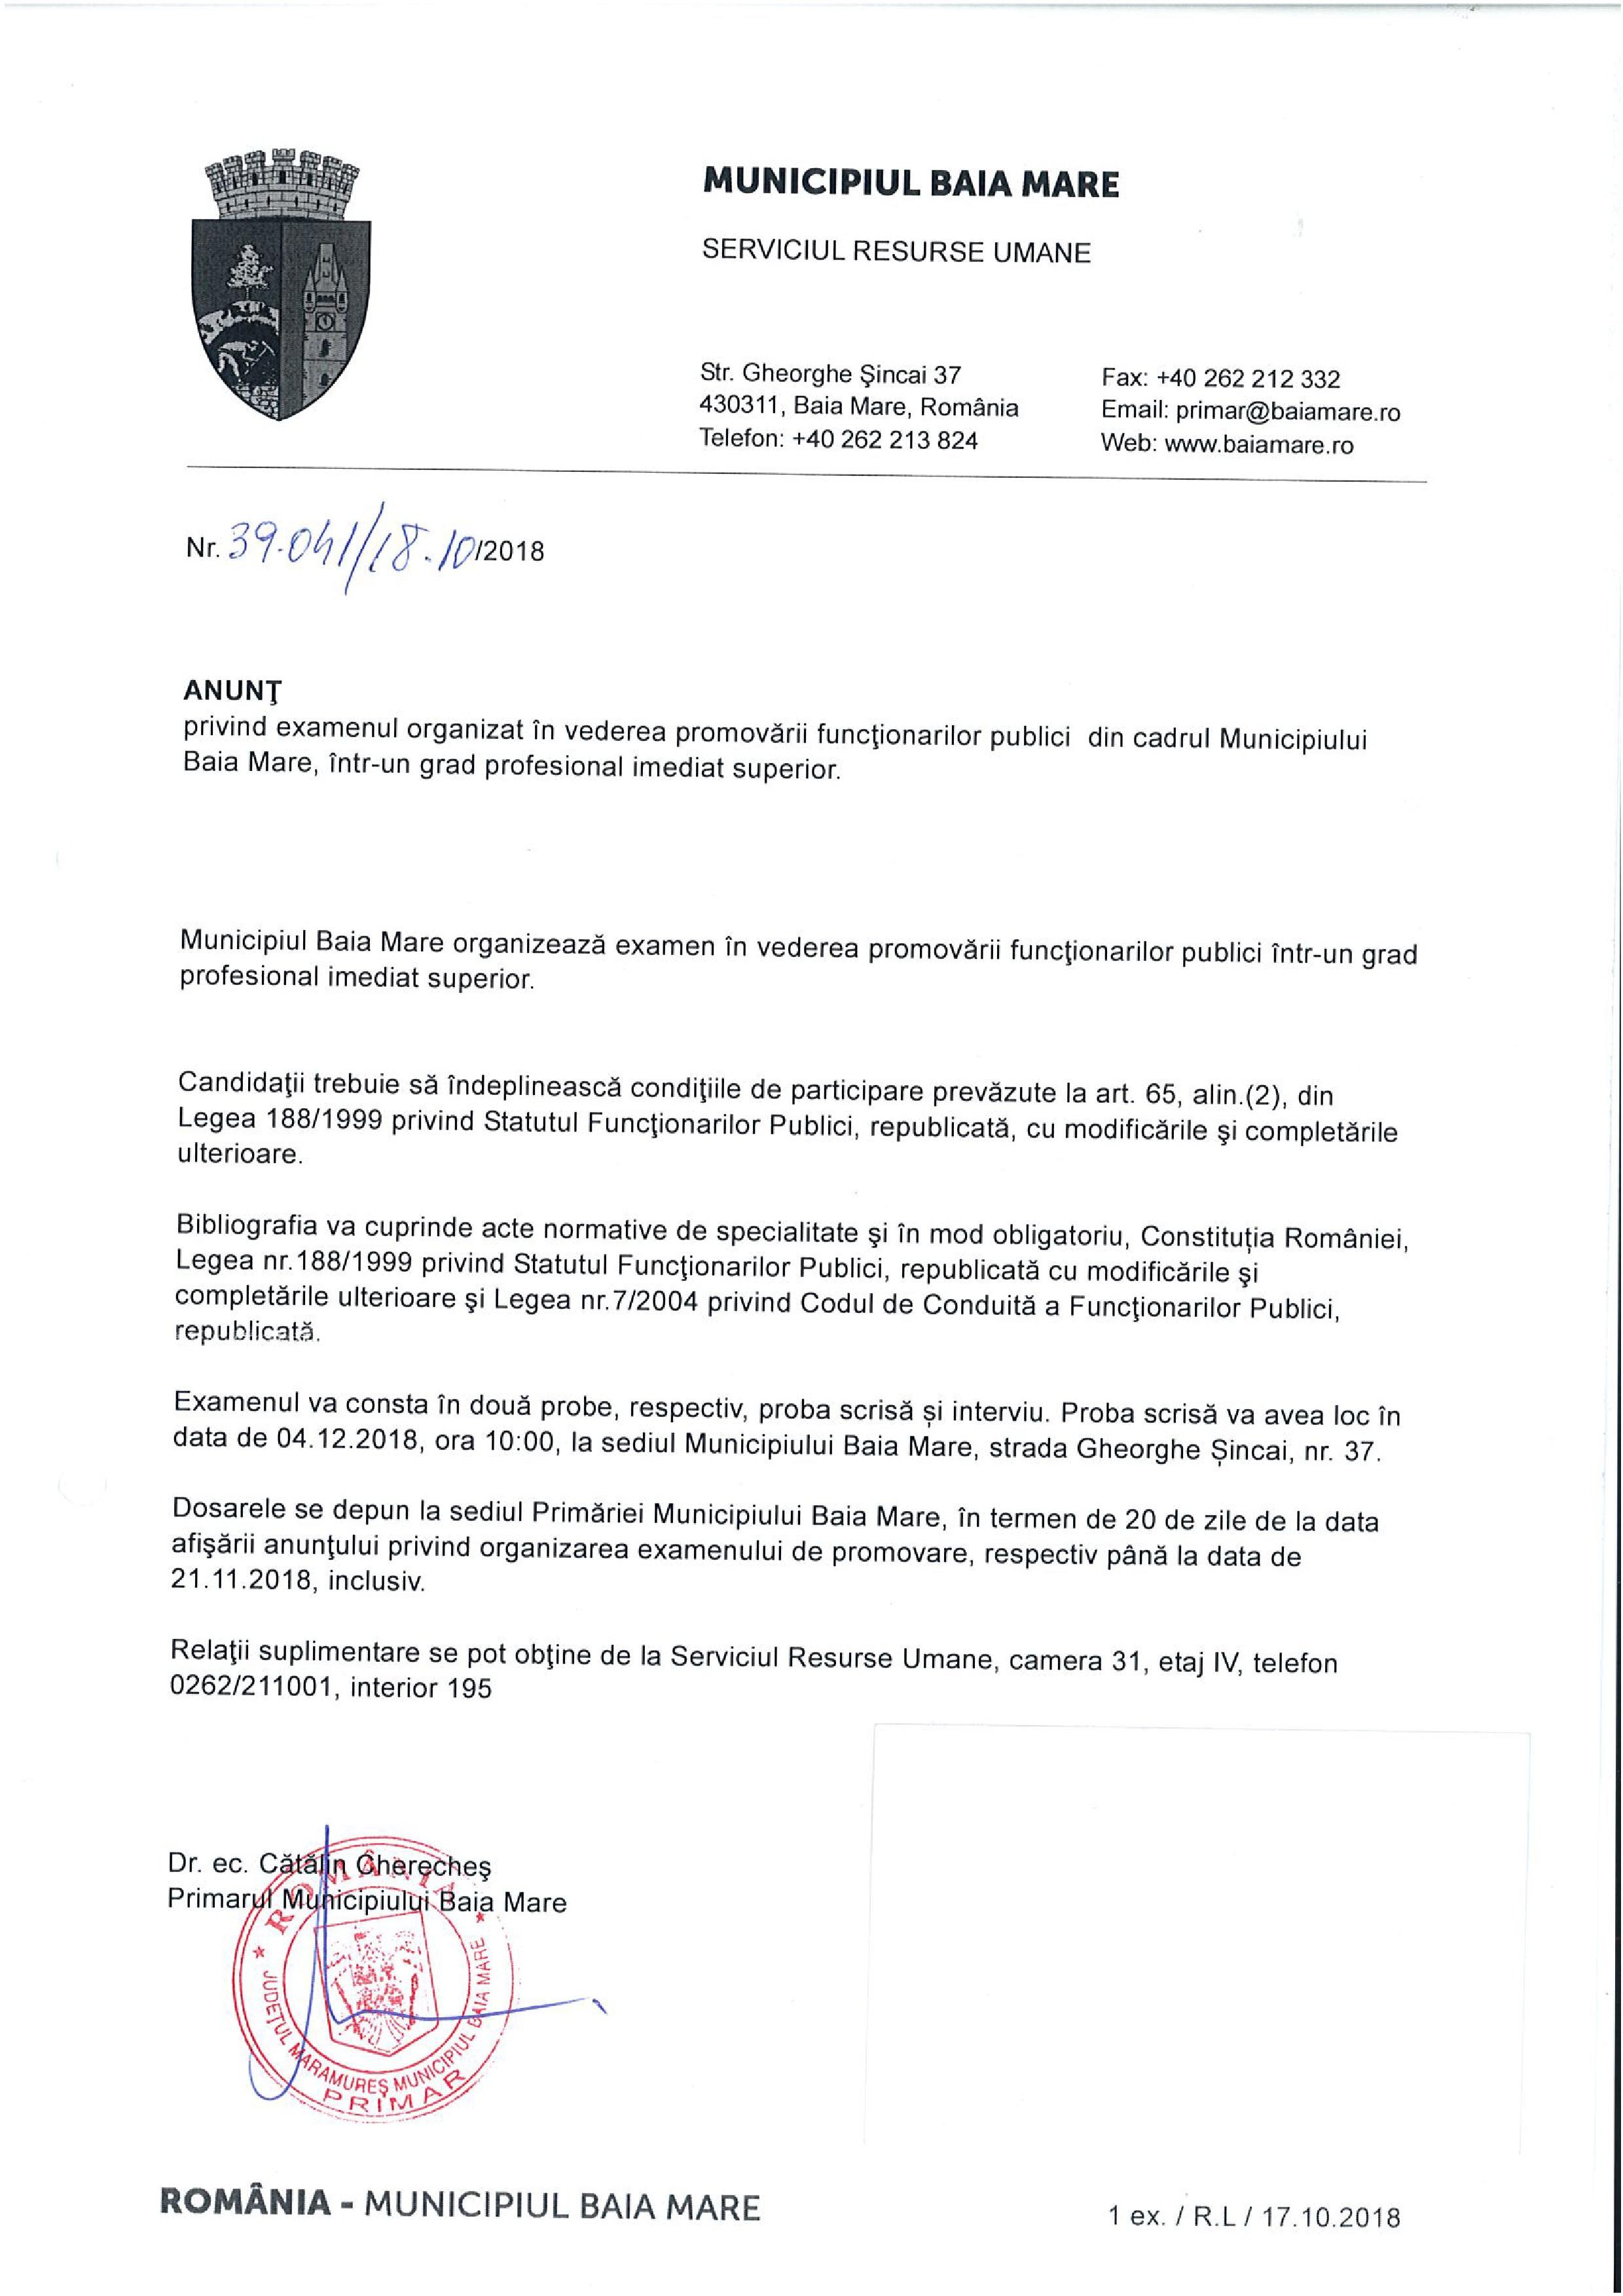 Anunț privind organizarea examenului în vederea promovării funcţionarilor publici din cadrul Municipiului Baia Mare, într-un grad profesional imediat superior.